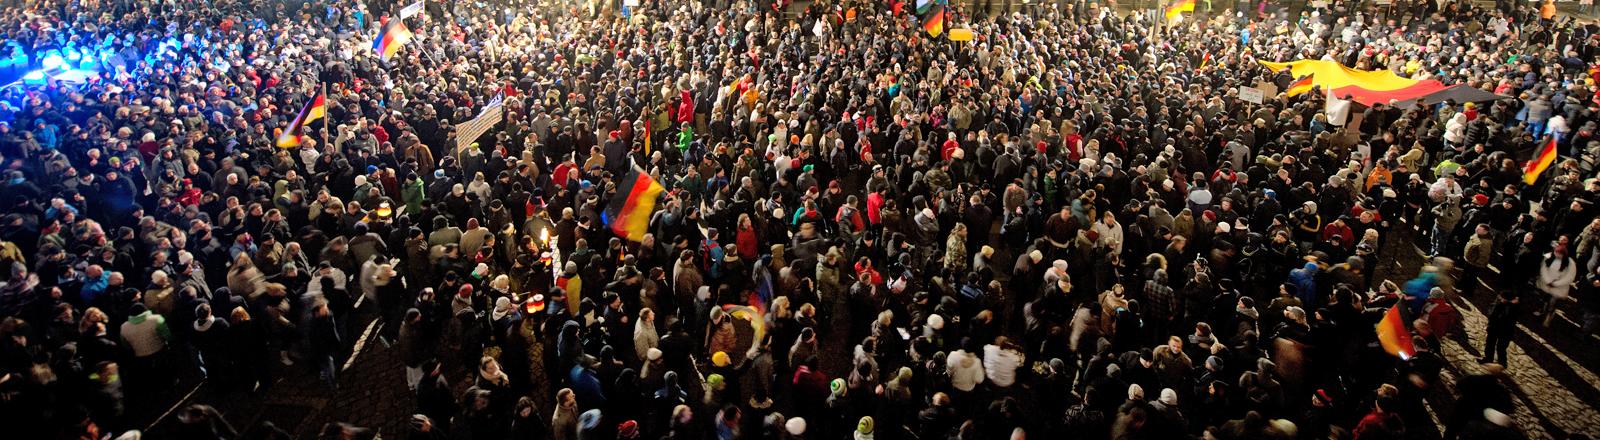 """Teilnehmer einer Demonstration unter dem Motto """"Patriotische Europäer gegen die Islamisierung des Abendlandes"""" (PEGIDA) warten am 01.12.2014 auf dem Terrassenufer in Dresden"""